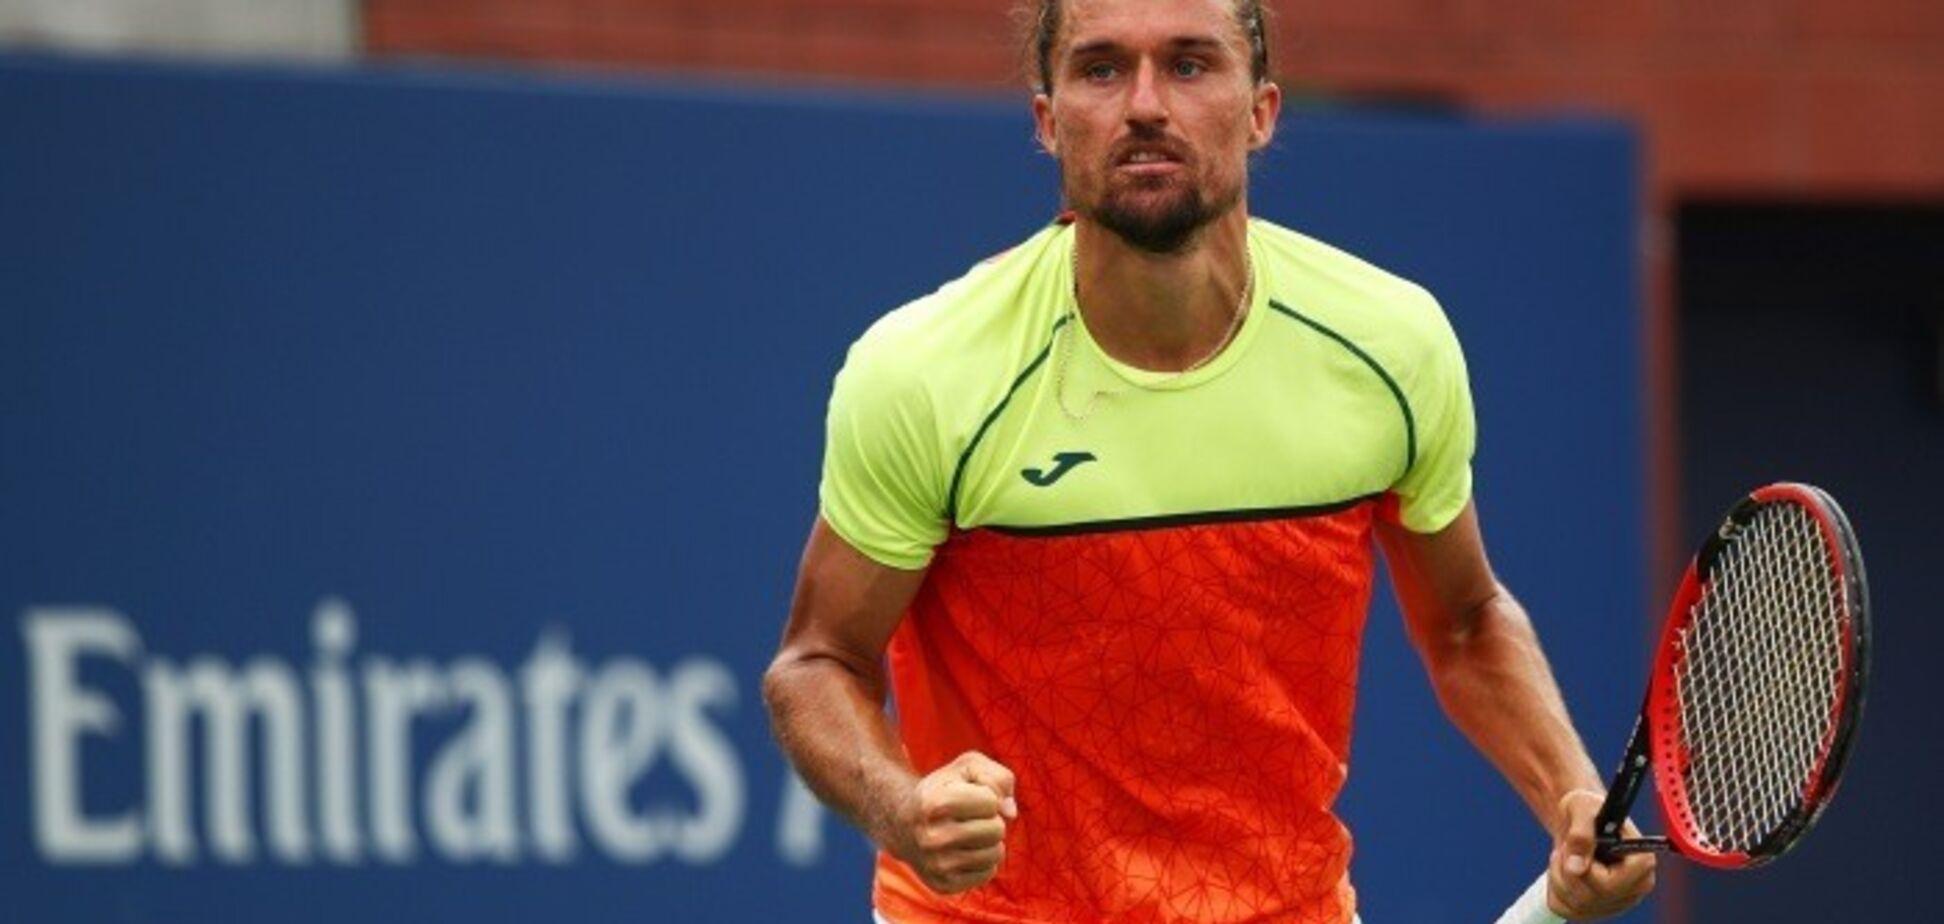 Лучший теннисист Украины в невероятных условиях вырвал тяжелейшую победу на турнире в Австралии